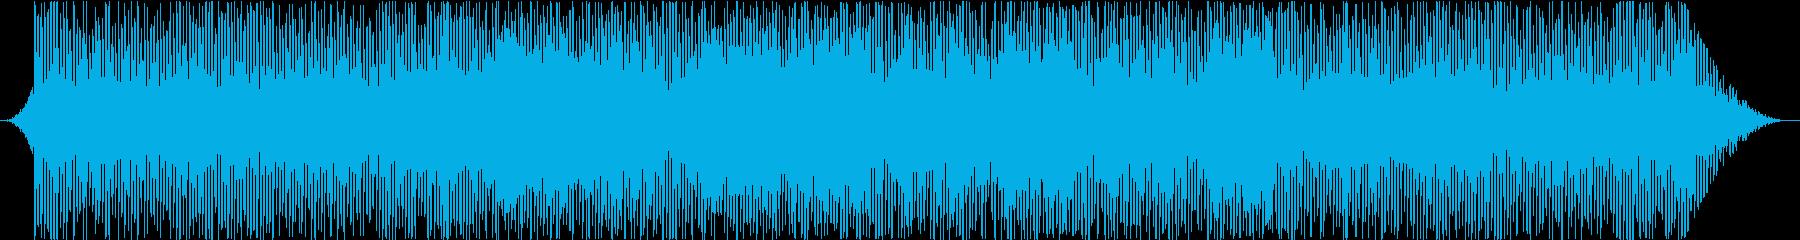 ディストピアなテクノ&チェロの再生済みの波形